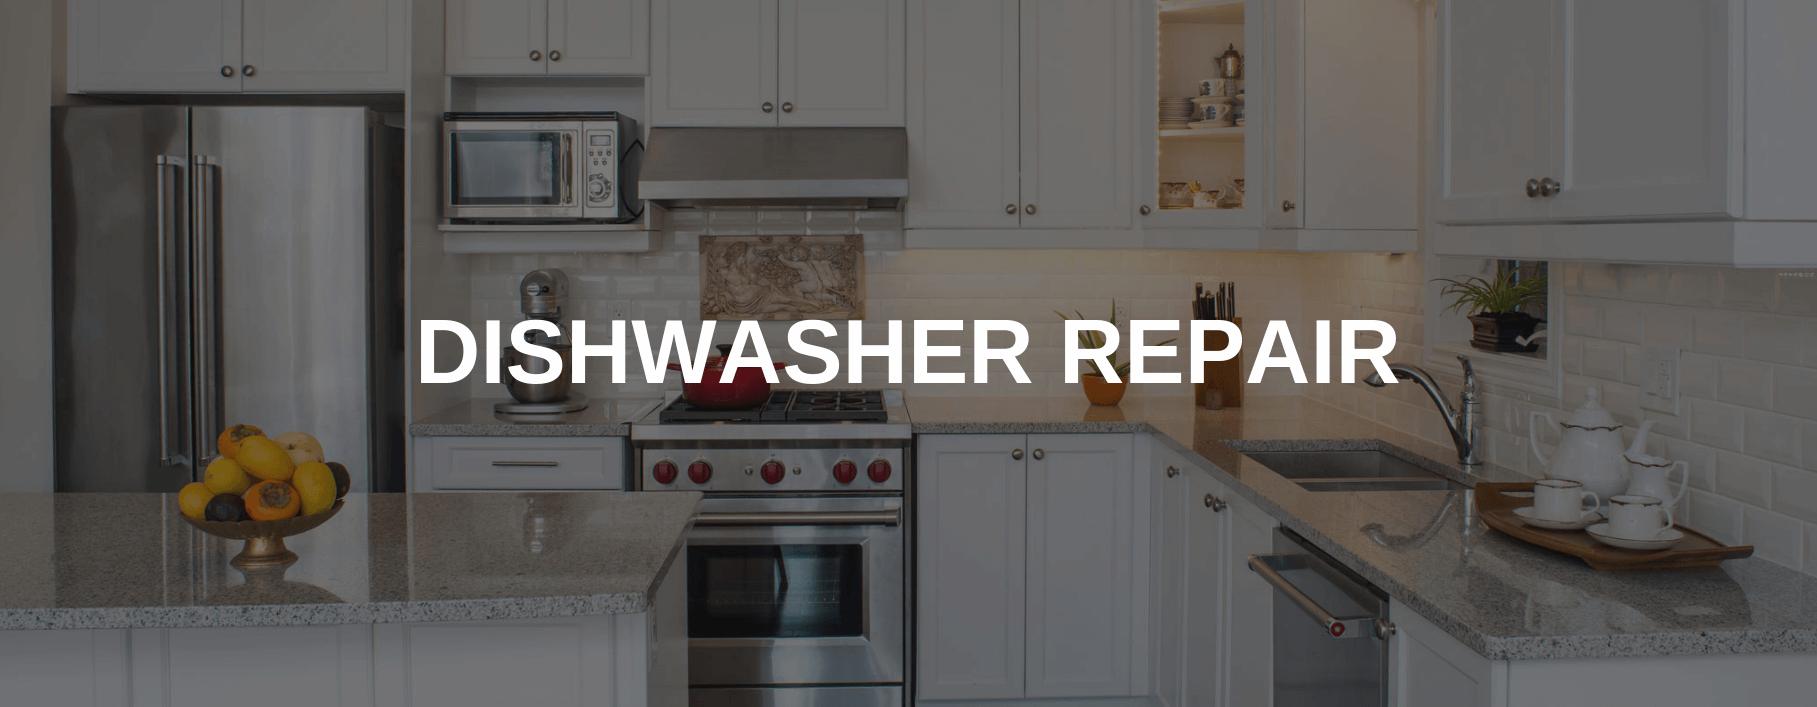 dishwasher repair chino hills